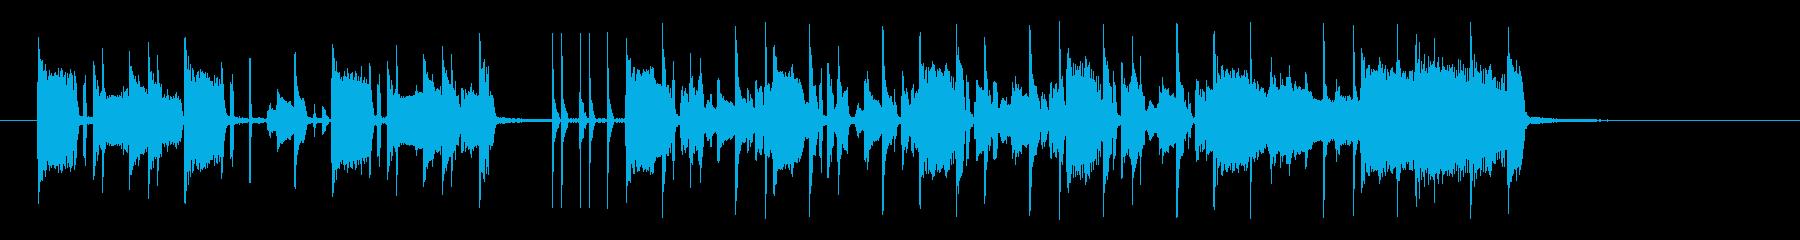 リズミカルでキャッチ―なシンセジングルの再生済みの波形